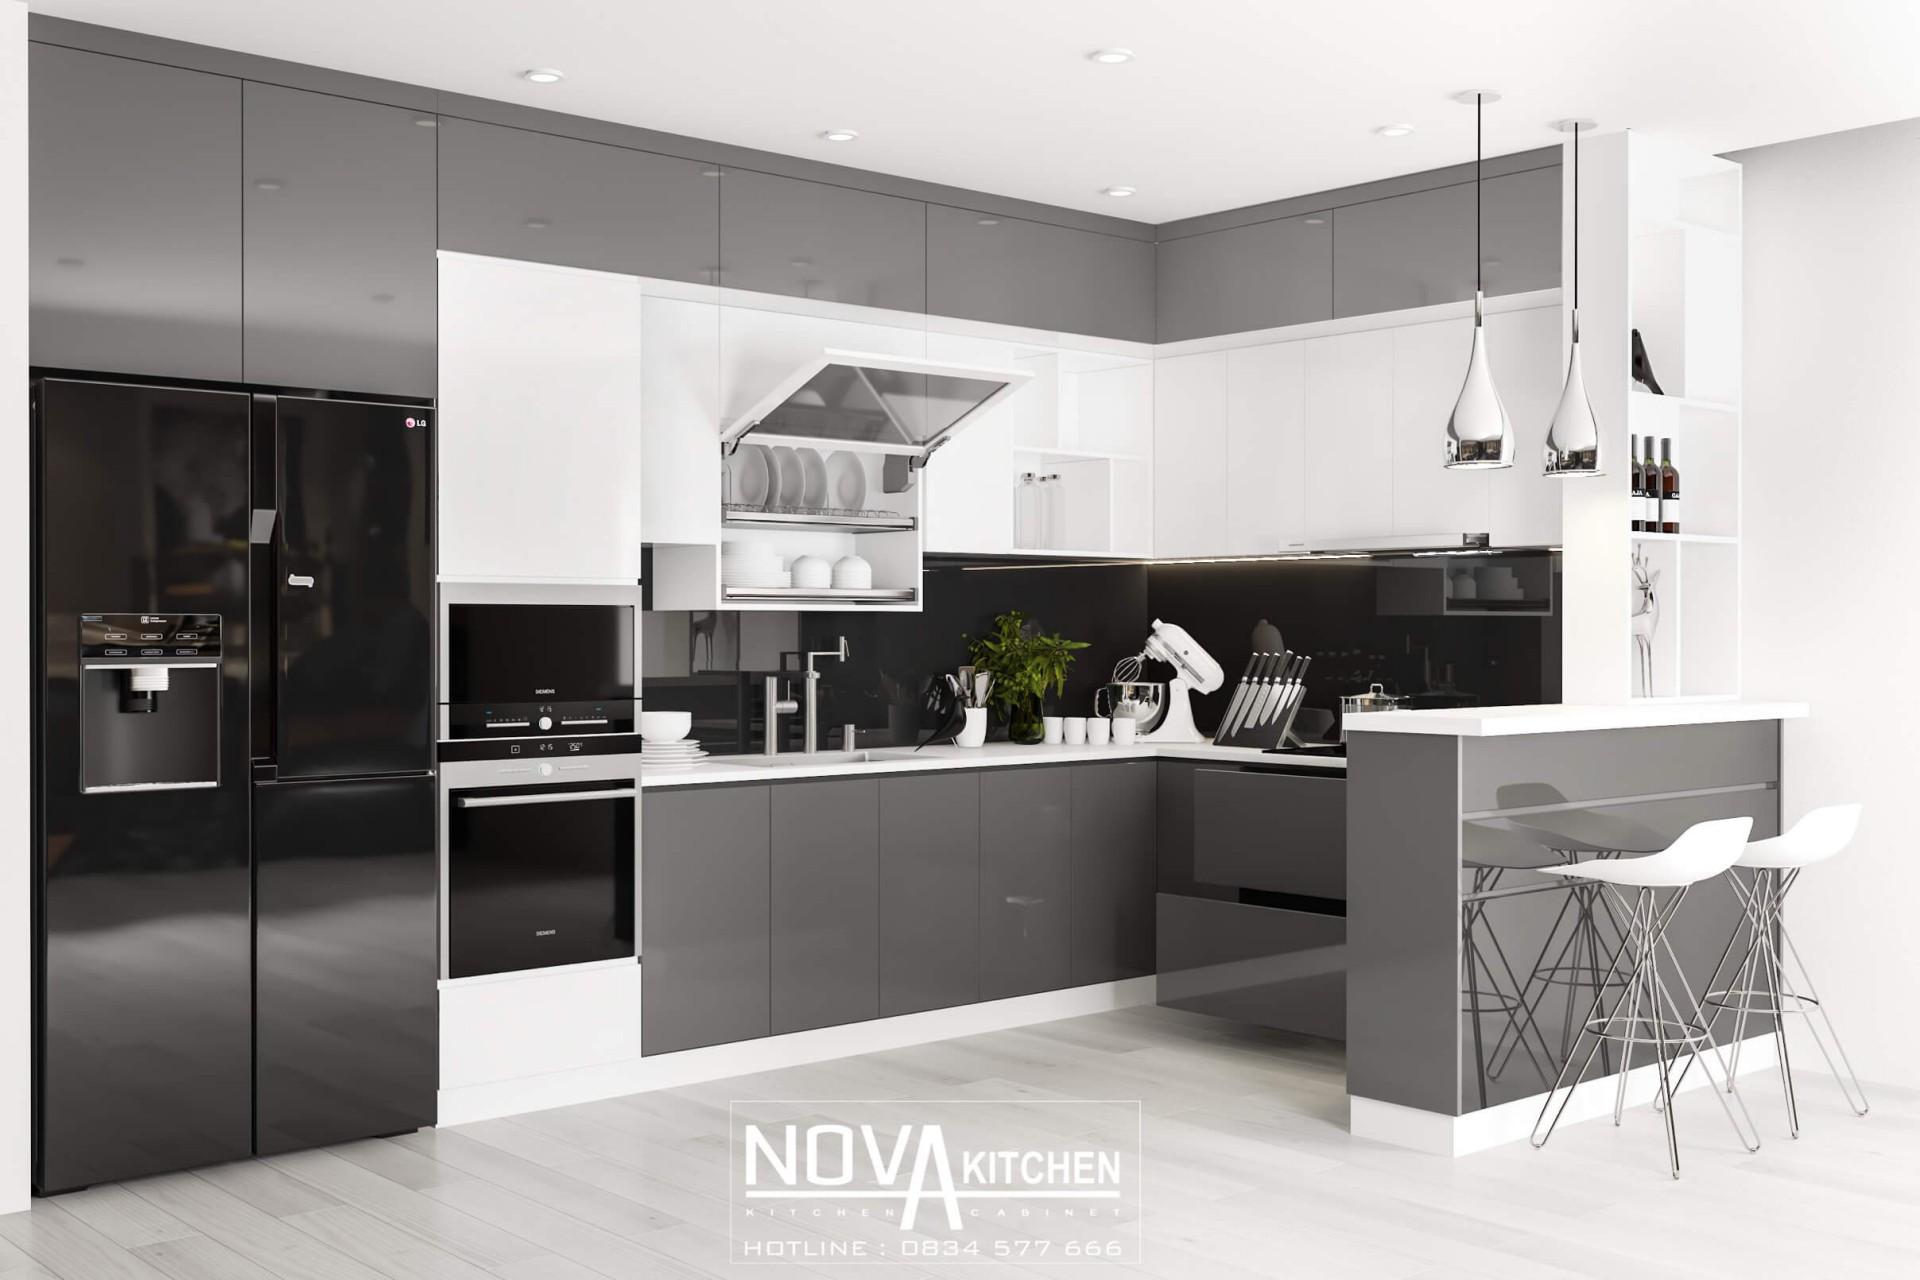 Tủ bếp Acrylic - Sự lựa chọn hoàn hảo cho không gian sang trọng và đẳng cấp